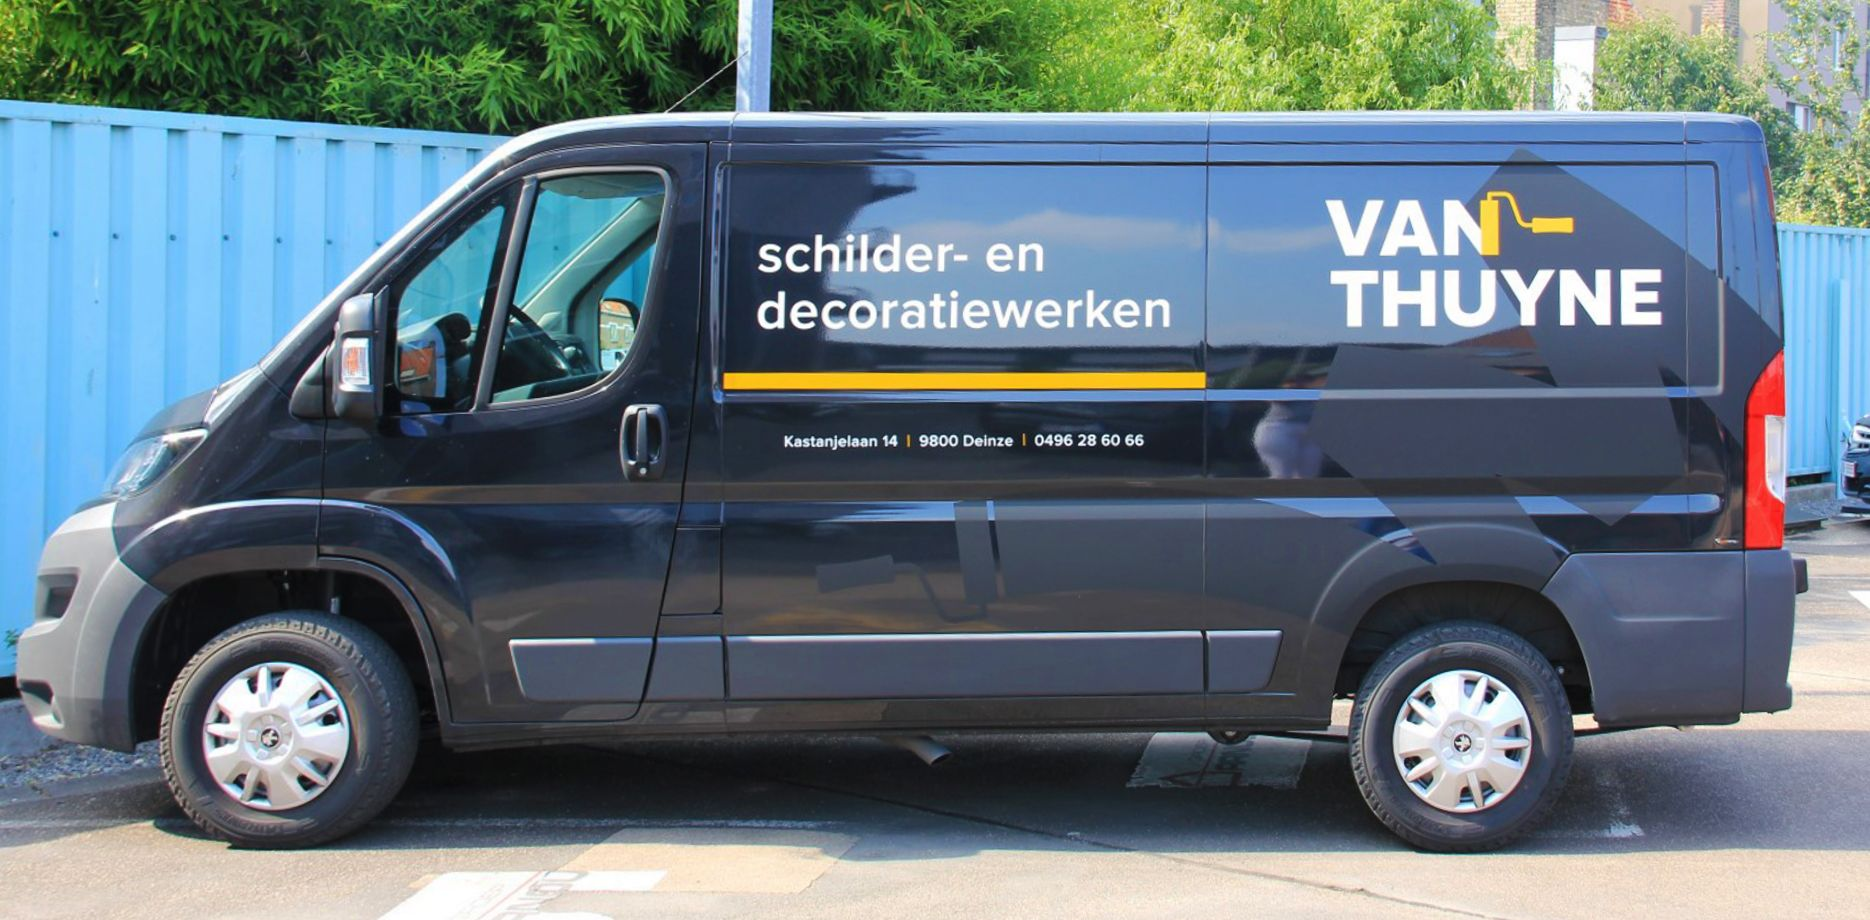 Van Thuyne Voertuigbelettering